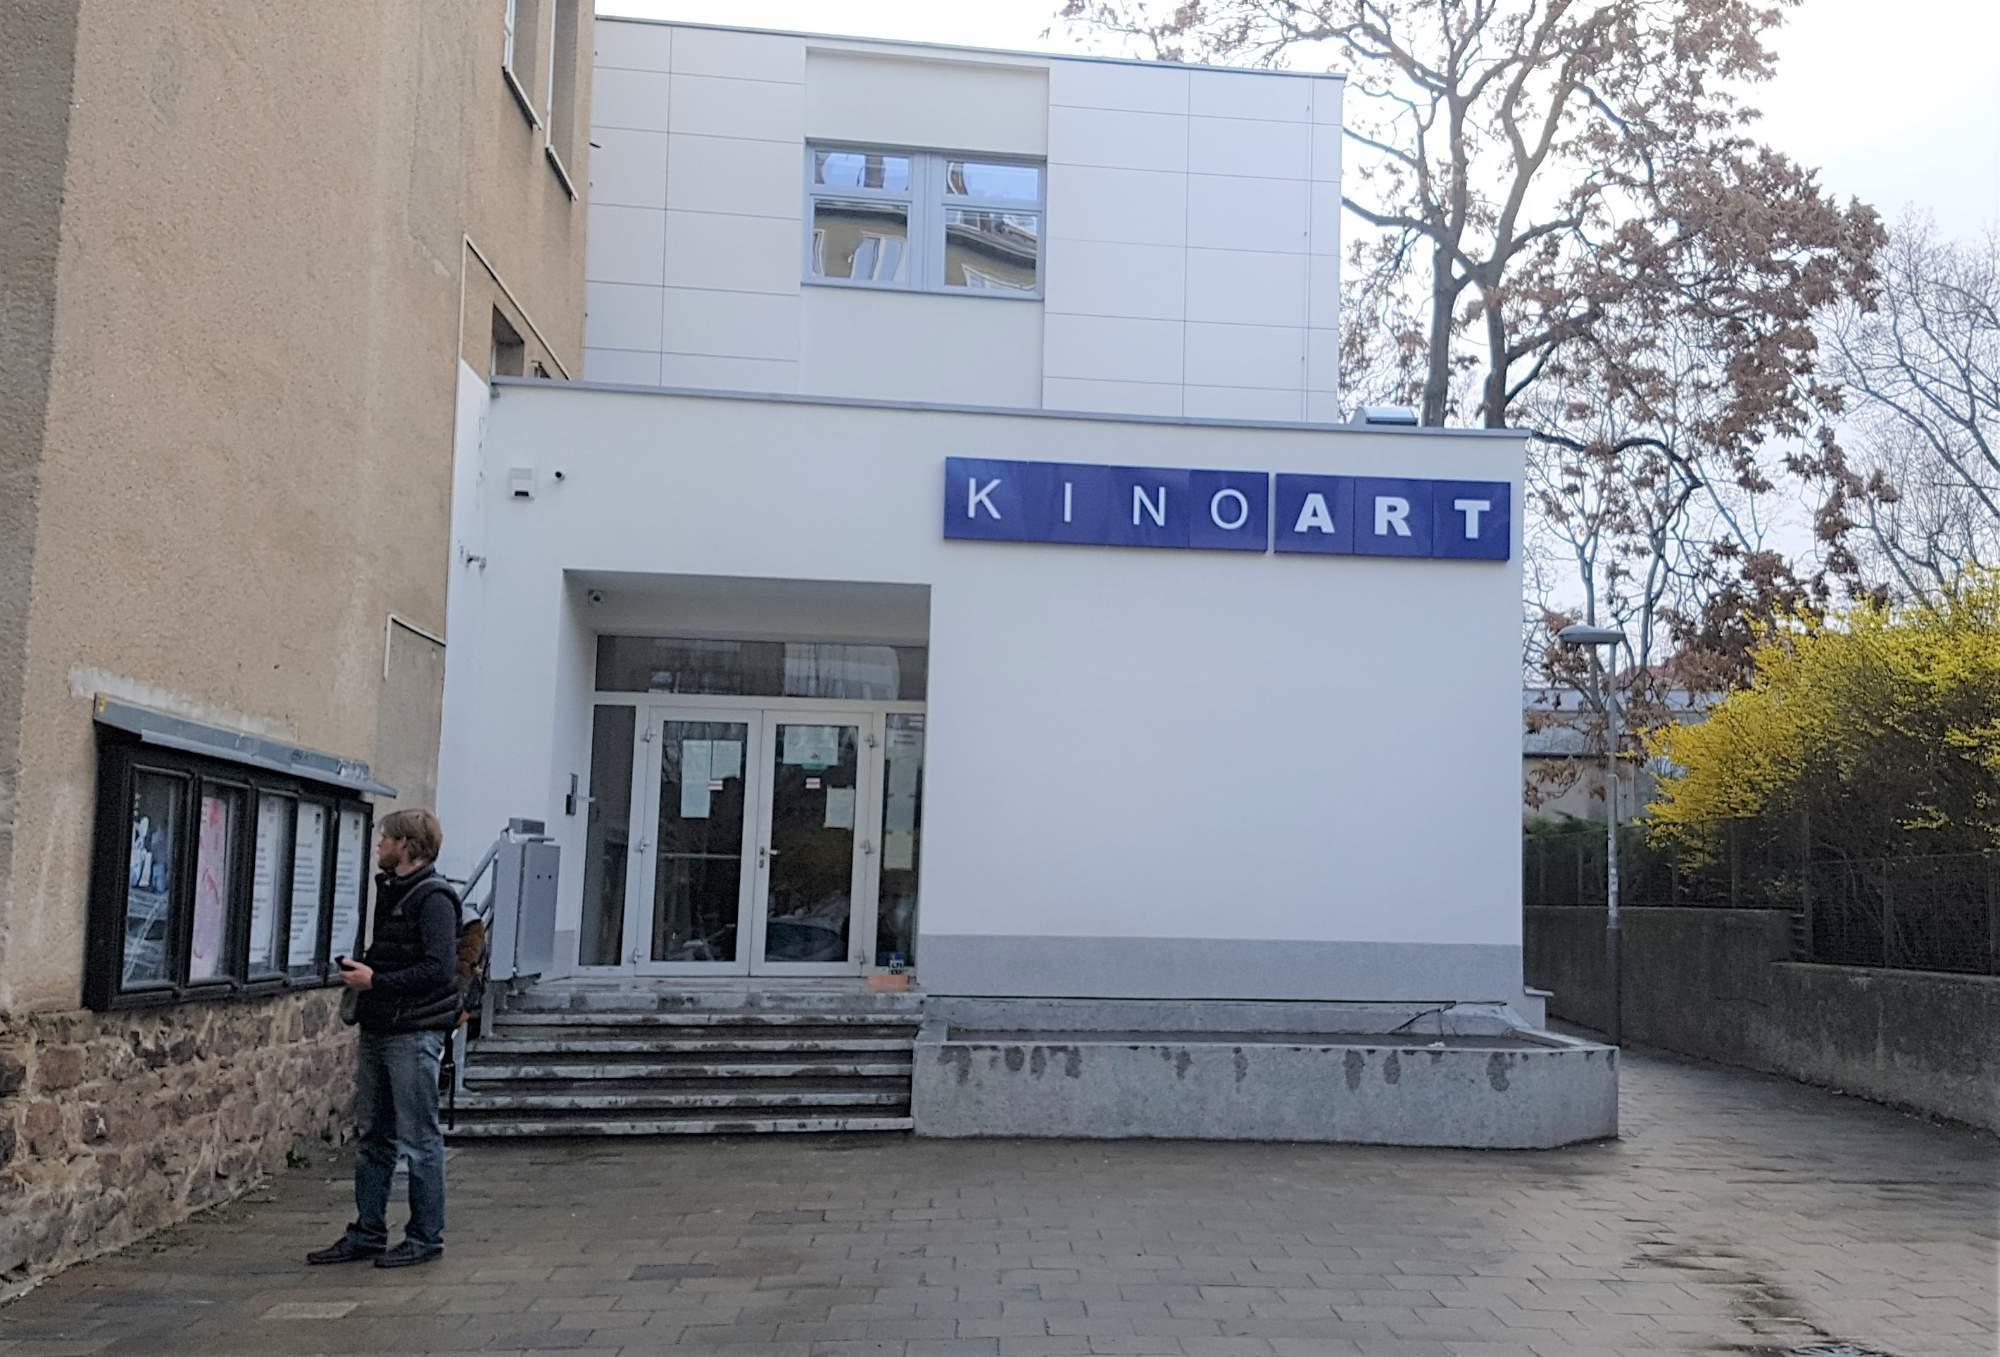 Brněnské Kino Art organizátoři znovu otevřou 13. září. Foto: Anežka Horová.